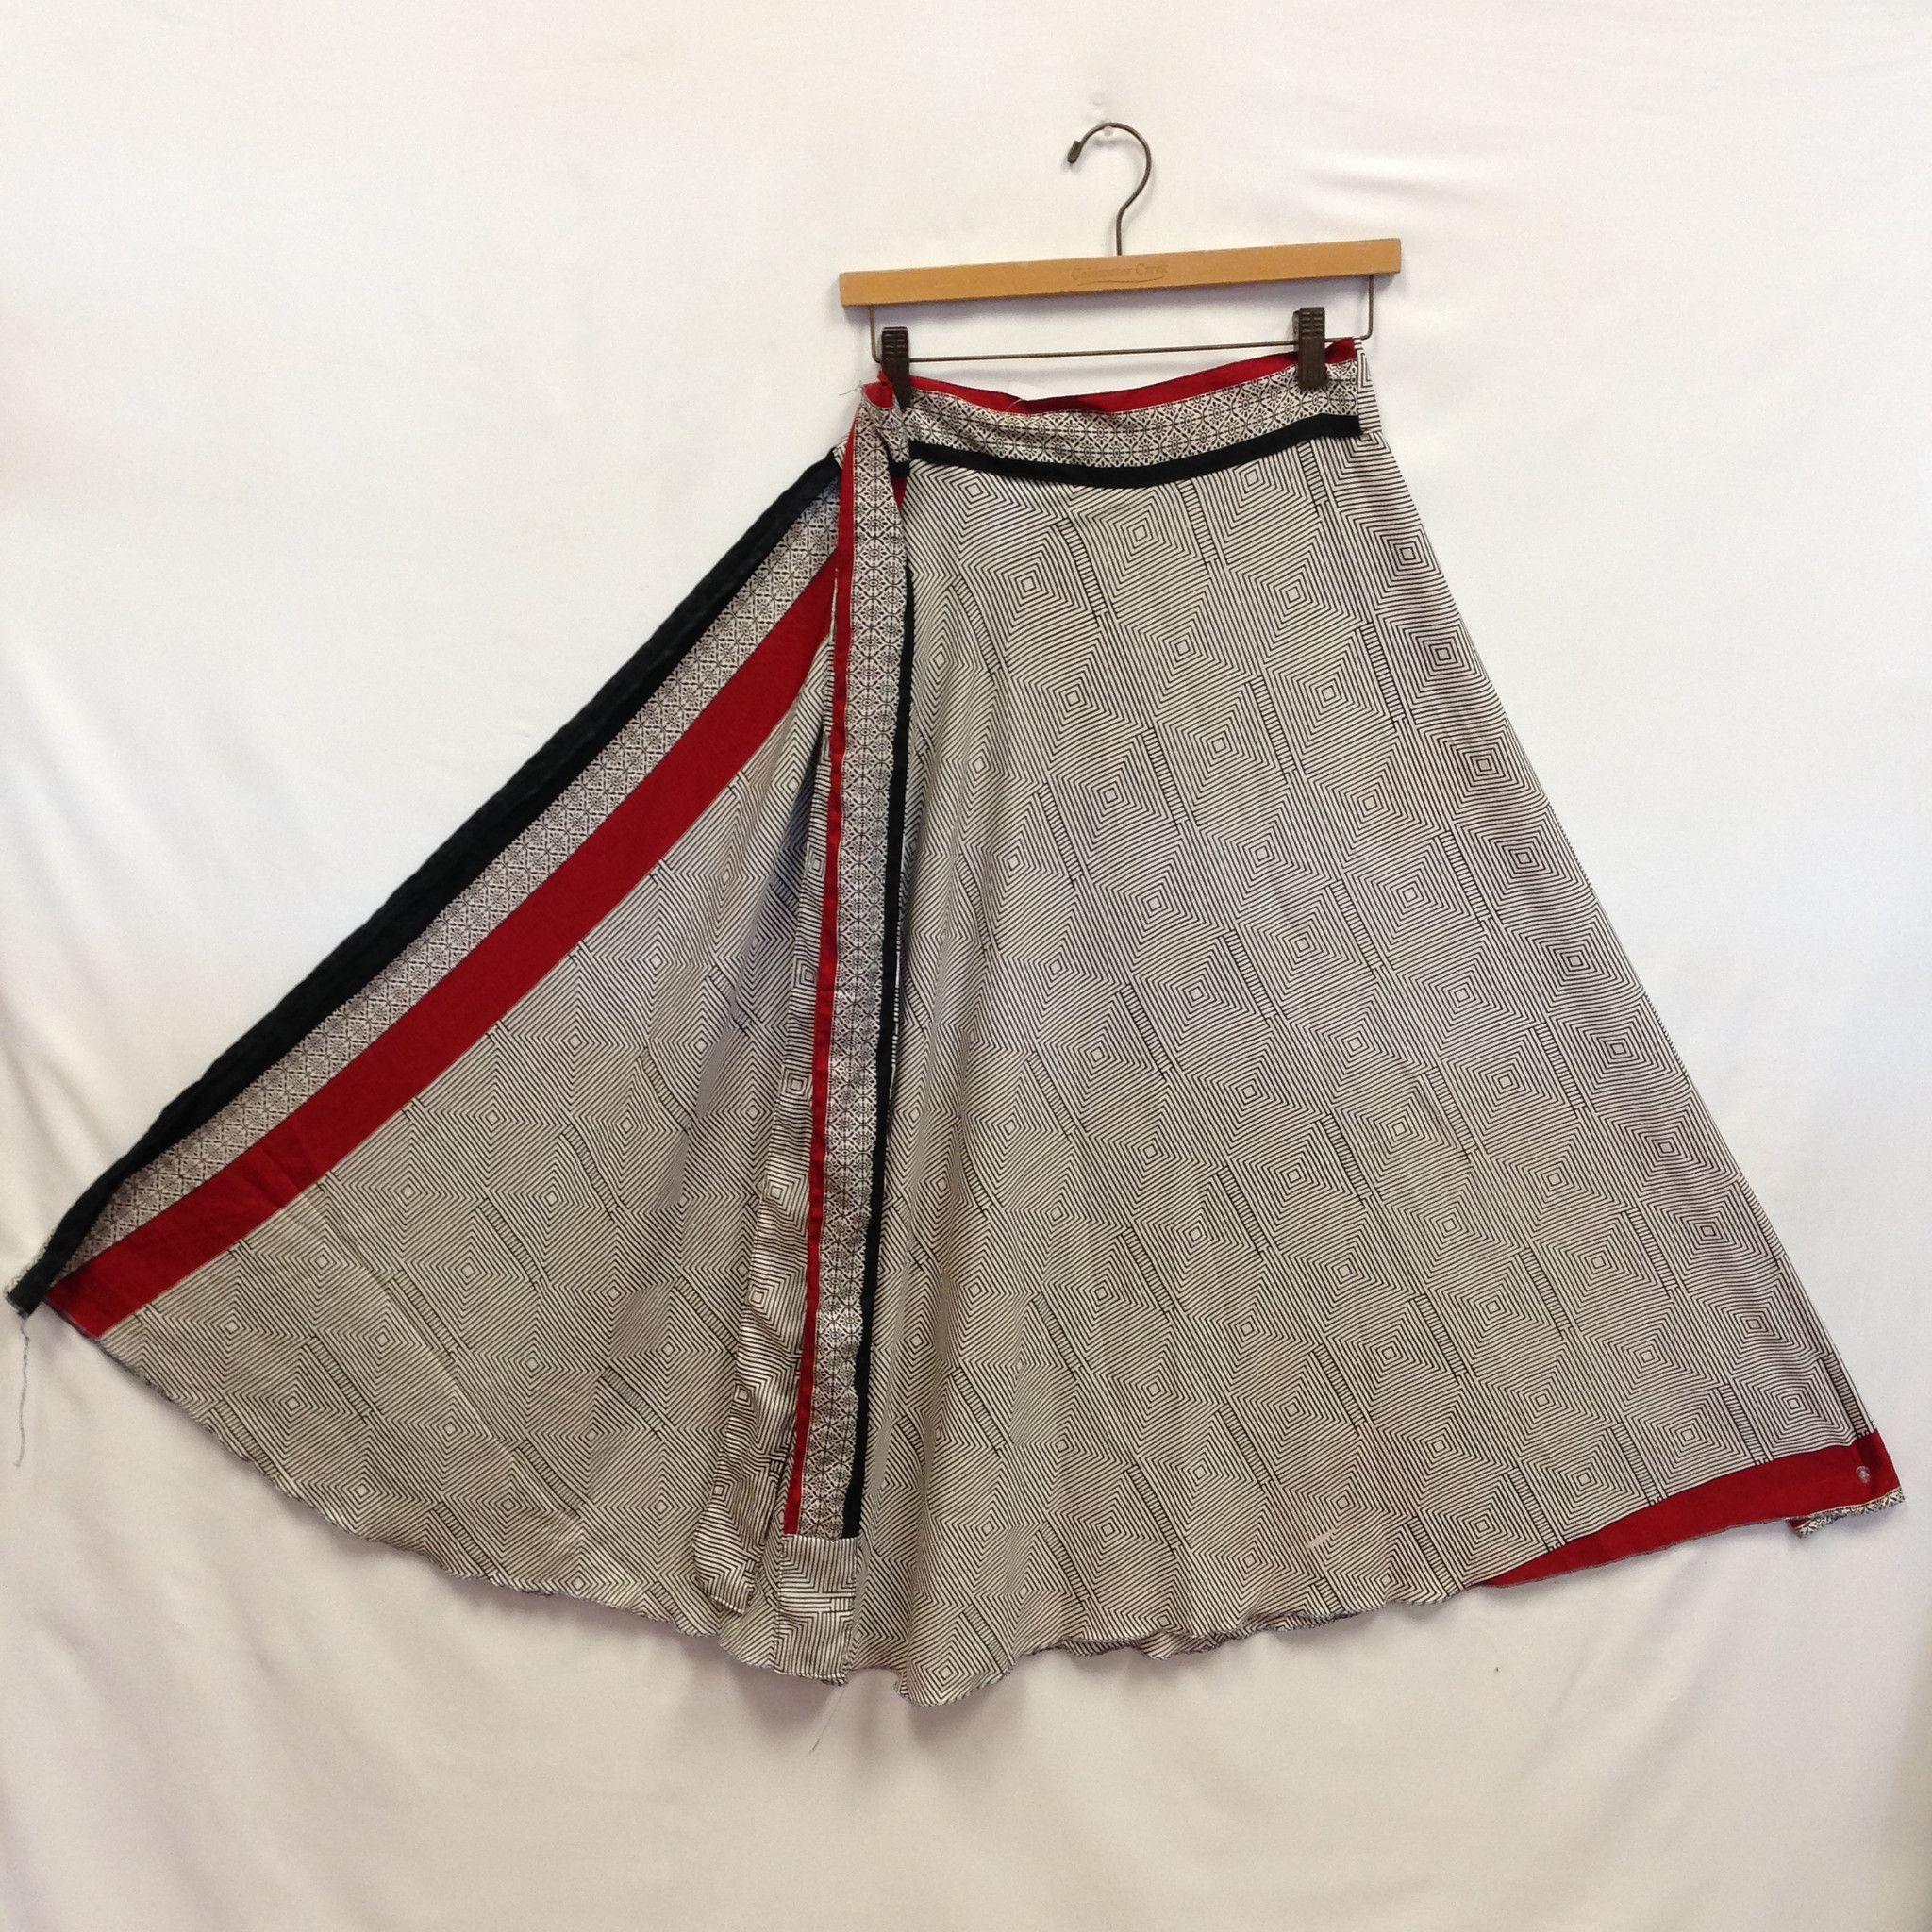 Wrap Long Skirt -Black & White | Short & Long Indian skirts ...